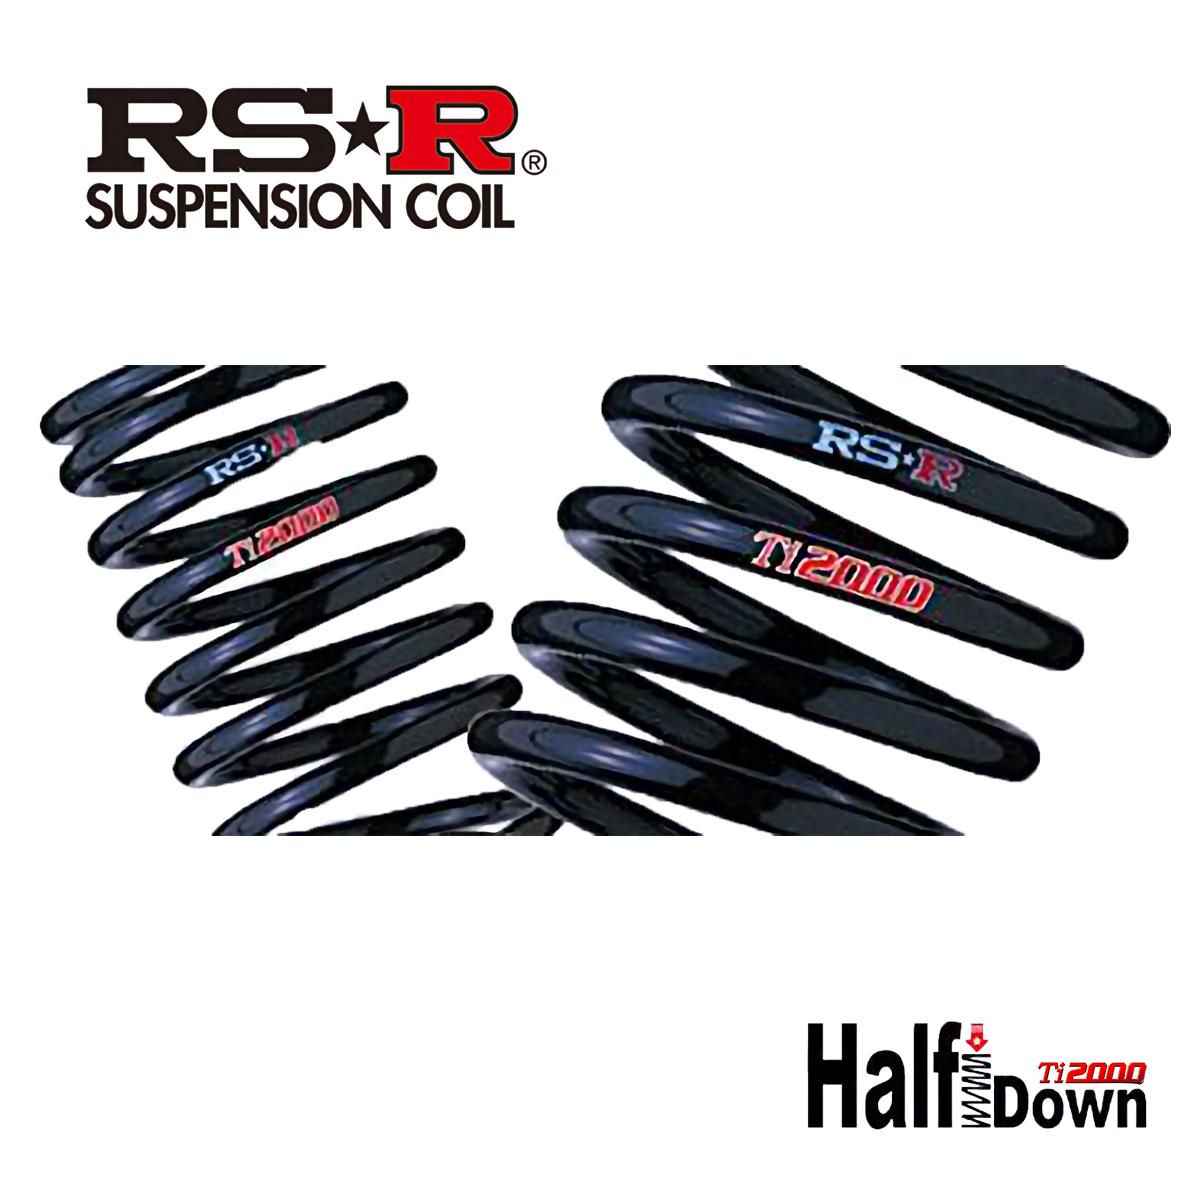 RS-R N BOXプラスカスタム G・ターボパッケージ JF2 ダウンサス スプリング フロントのみ H407TDF Ti2000 ダウン RSR 個人宅発送追金有